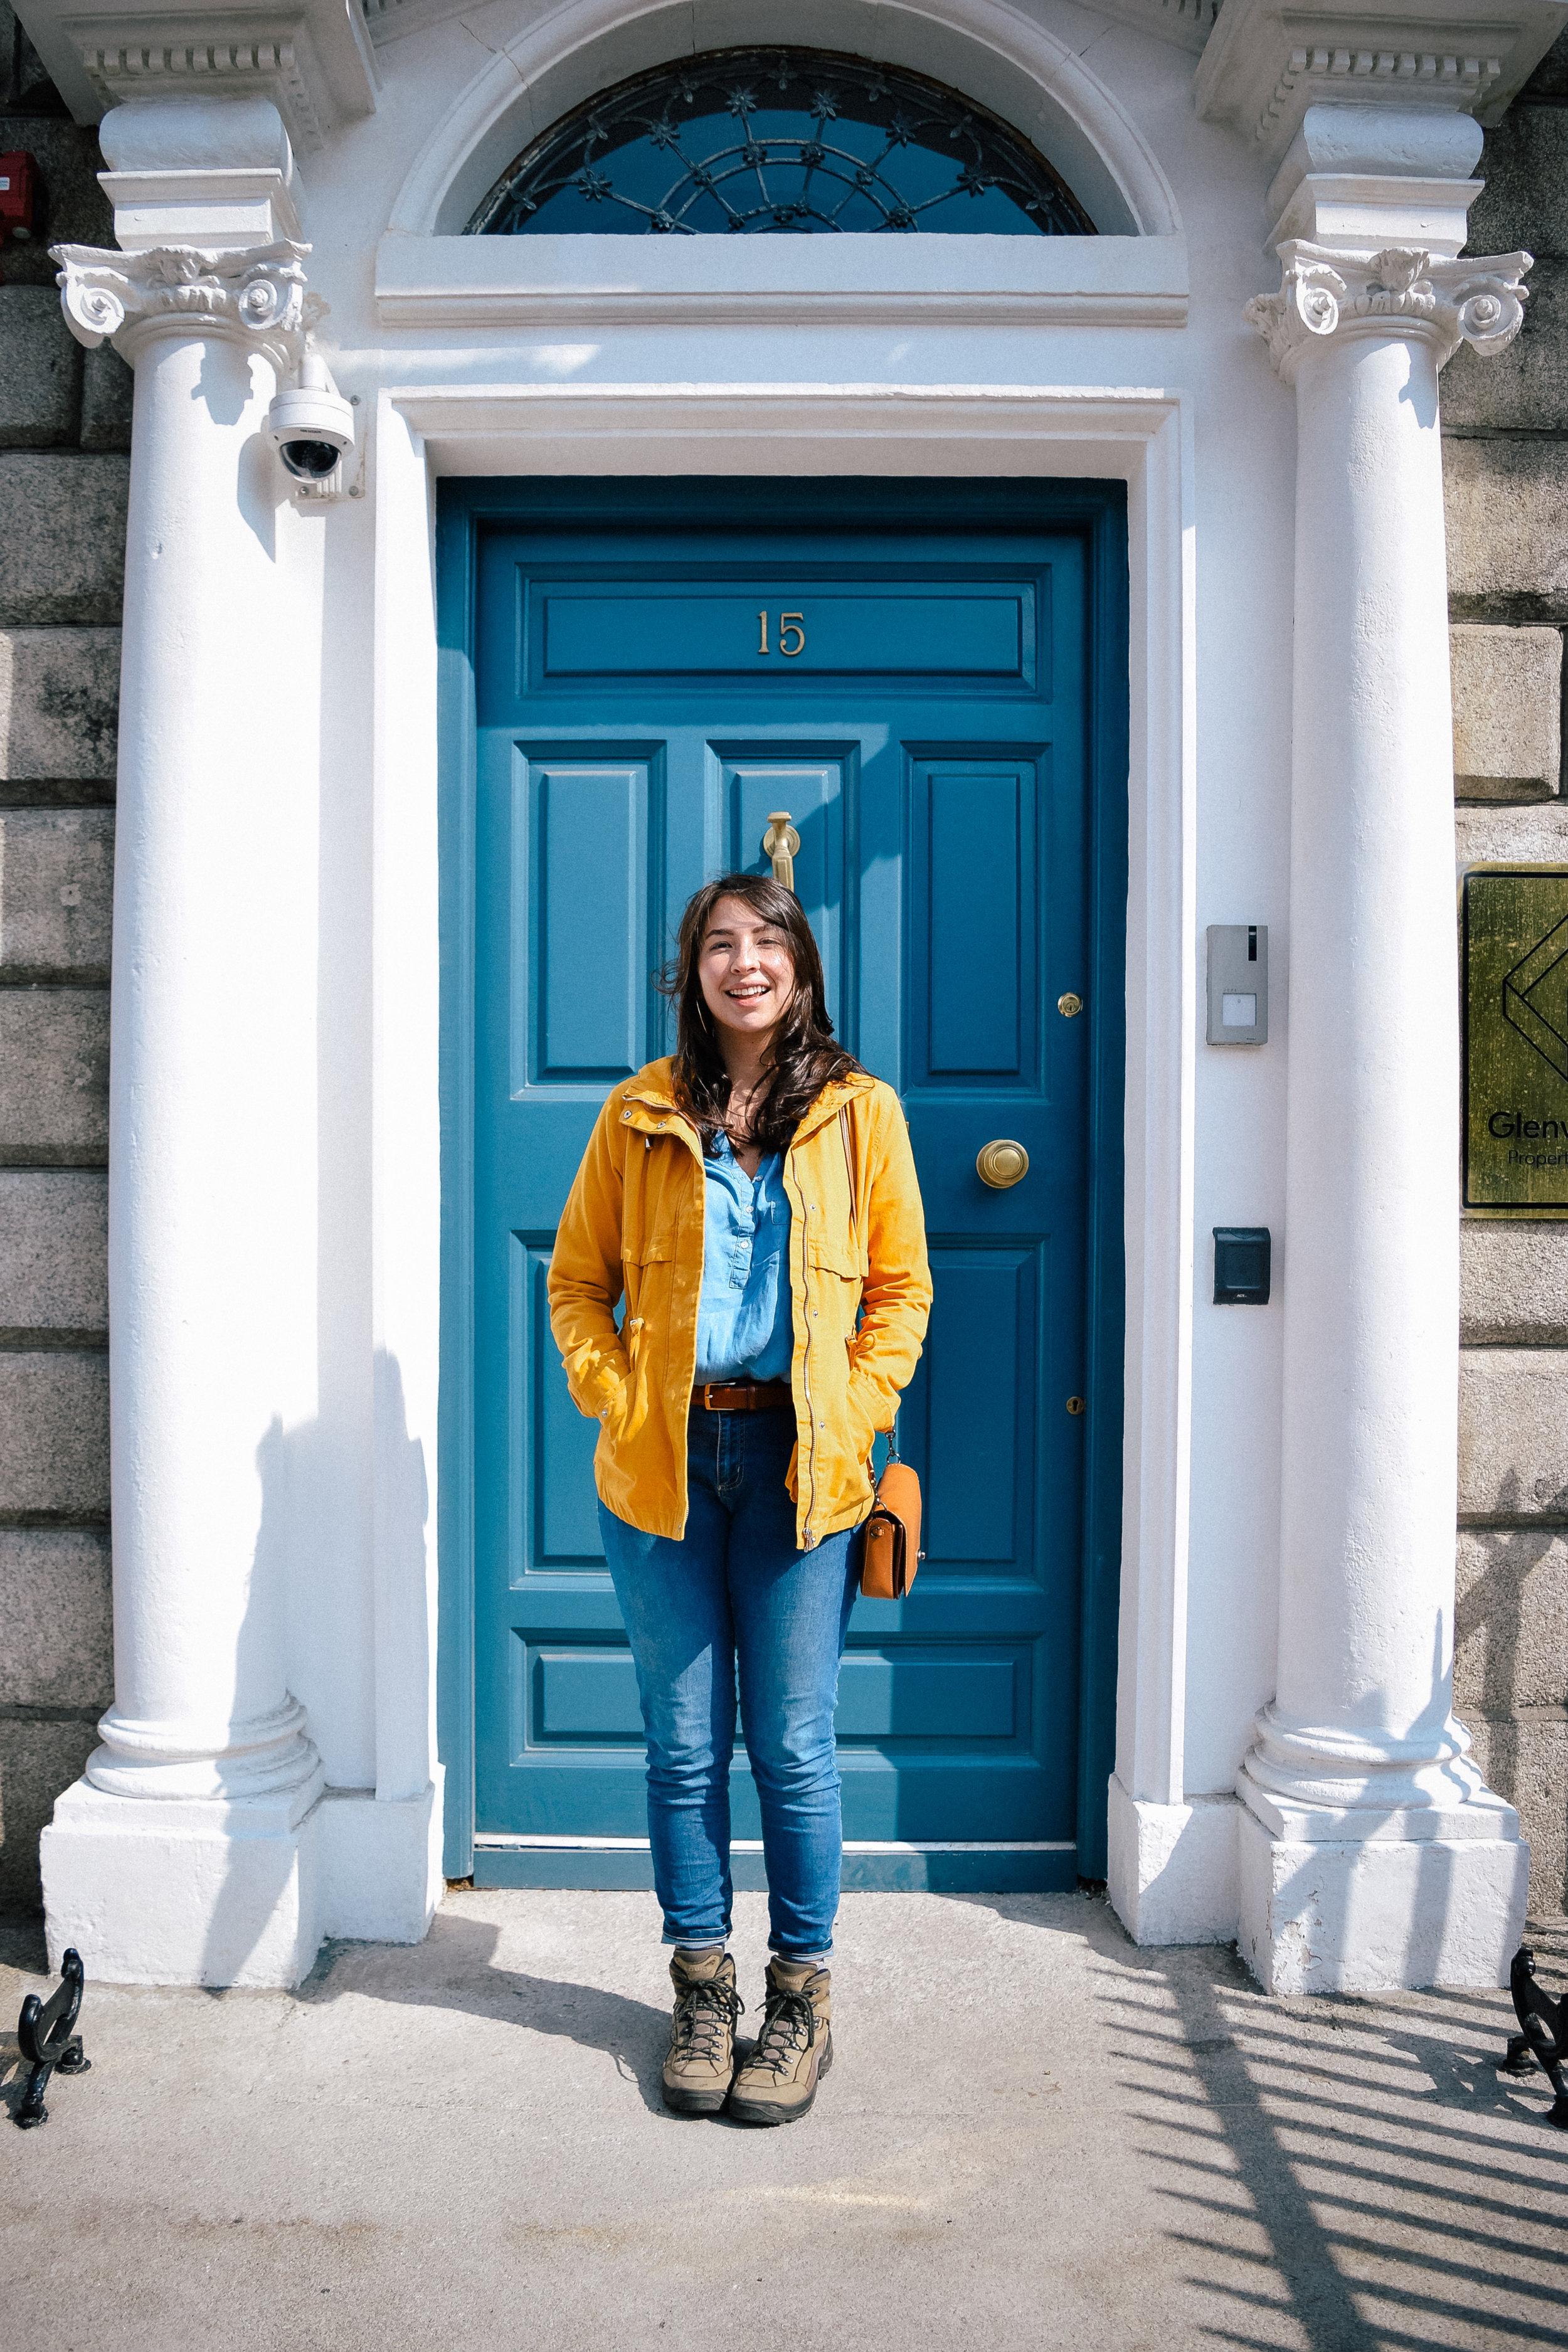 Another blue door in Dublin